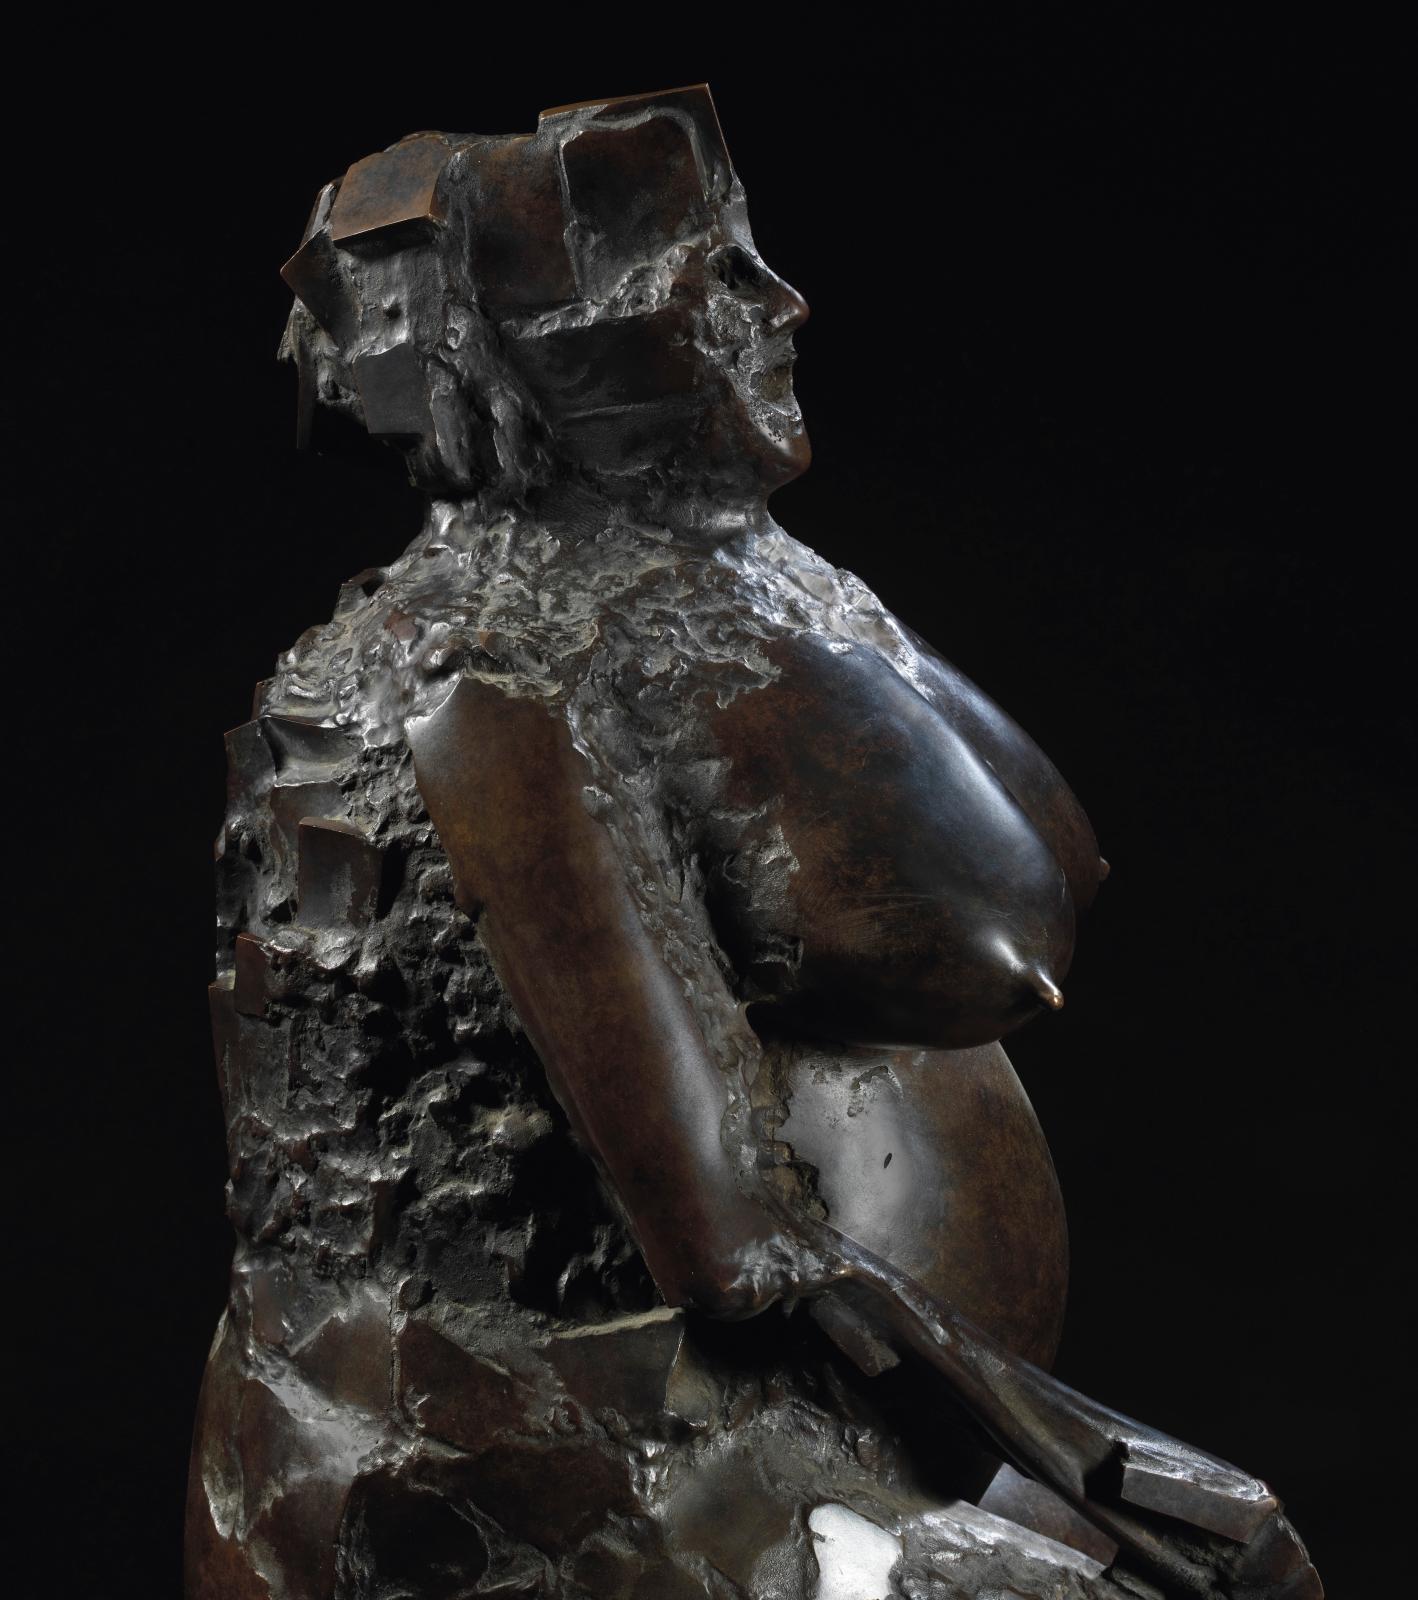 César, Ginette , 1958-1980, bronze à patine noir nuancé, signé et numéroté 3/8, Bocquel fondeur, 130x72x76cm. Paris, Drouot, 21 octobre 2015, Koh